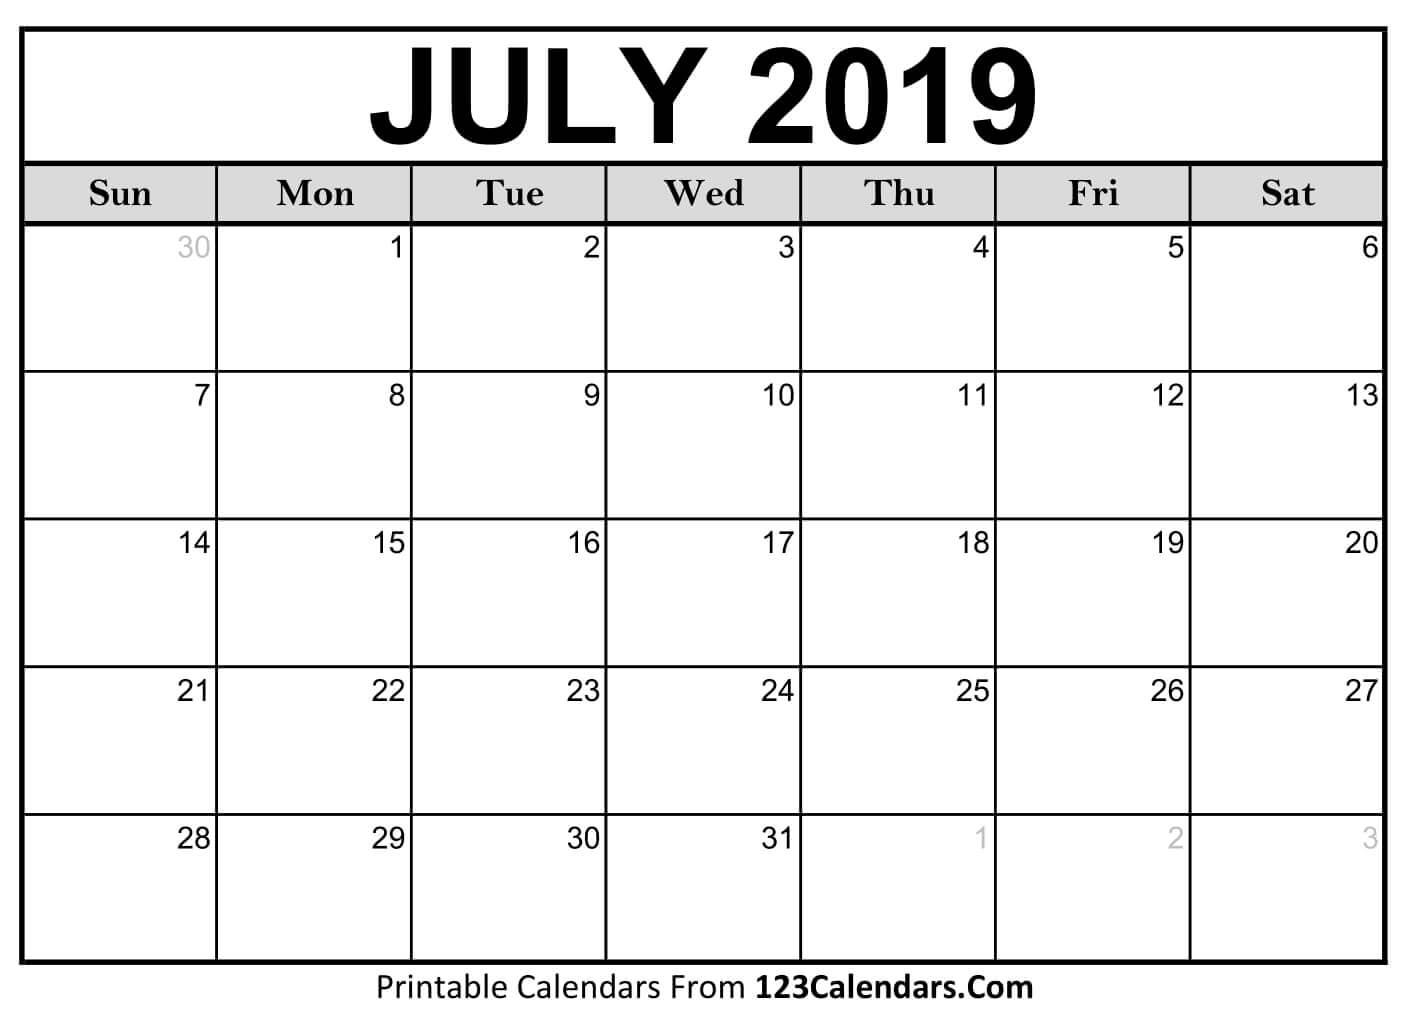 July 2019 Calendar Qualads